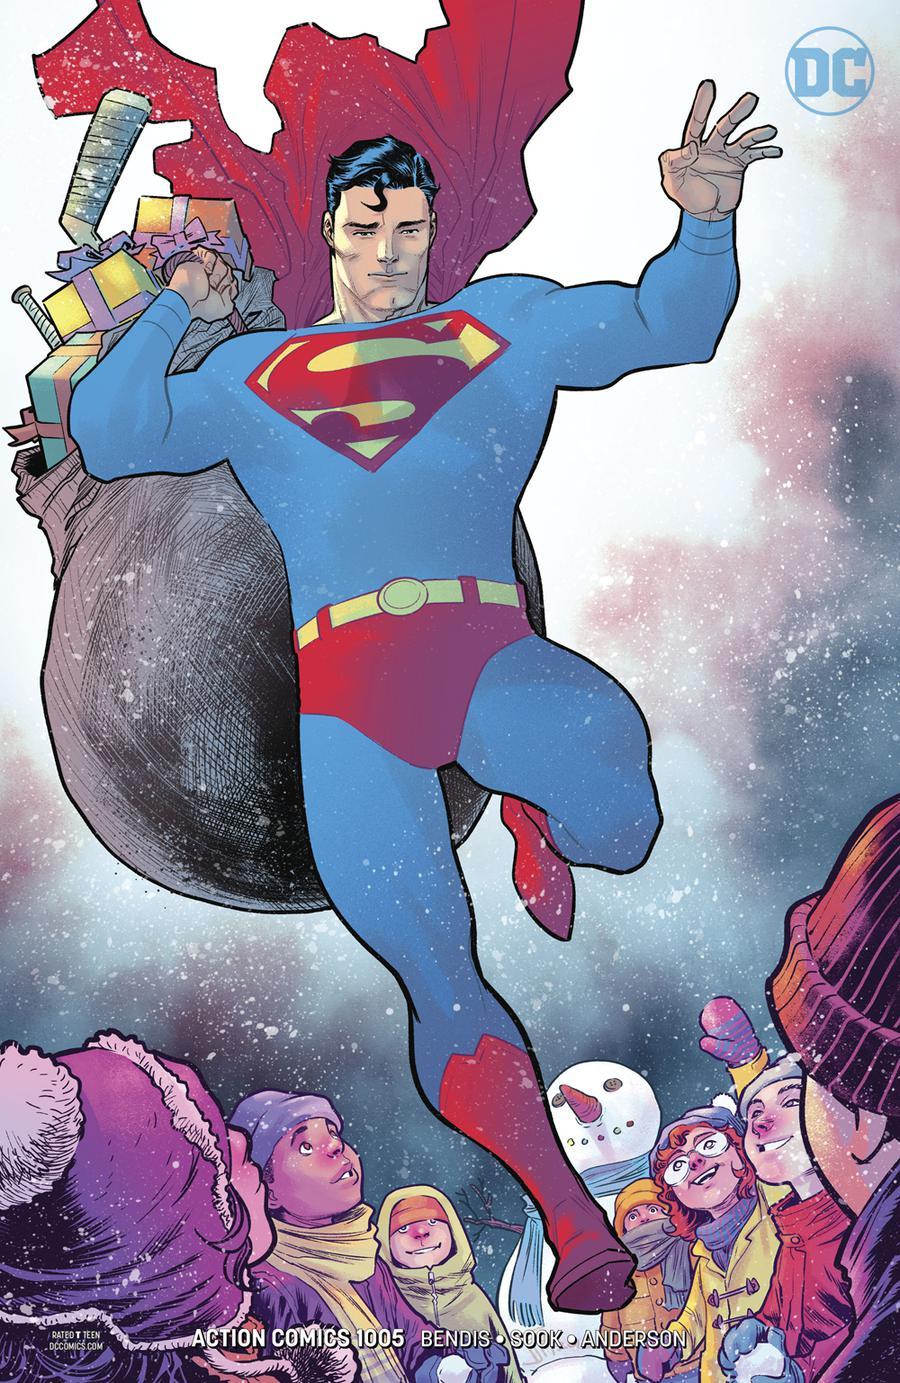 Action Comics Vol 2 #1005 Cover B Variant Francis Manapul Cover